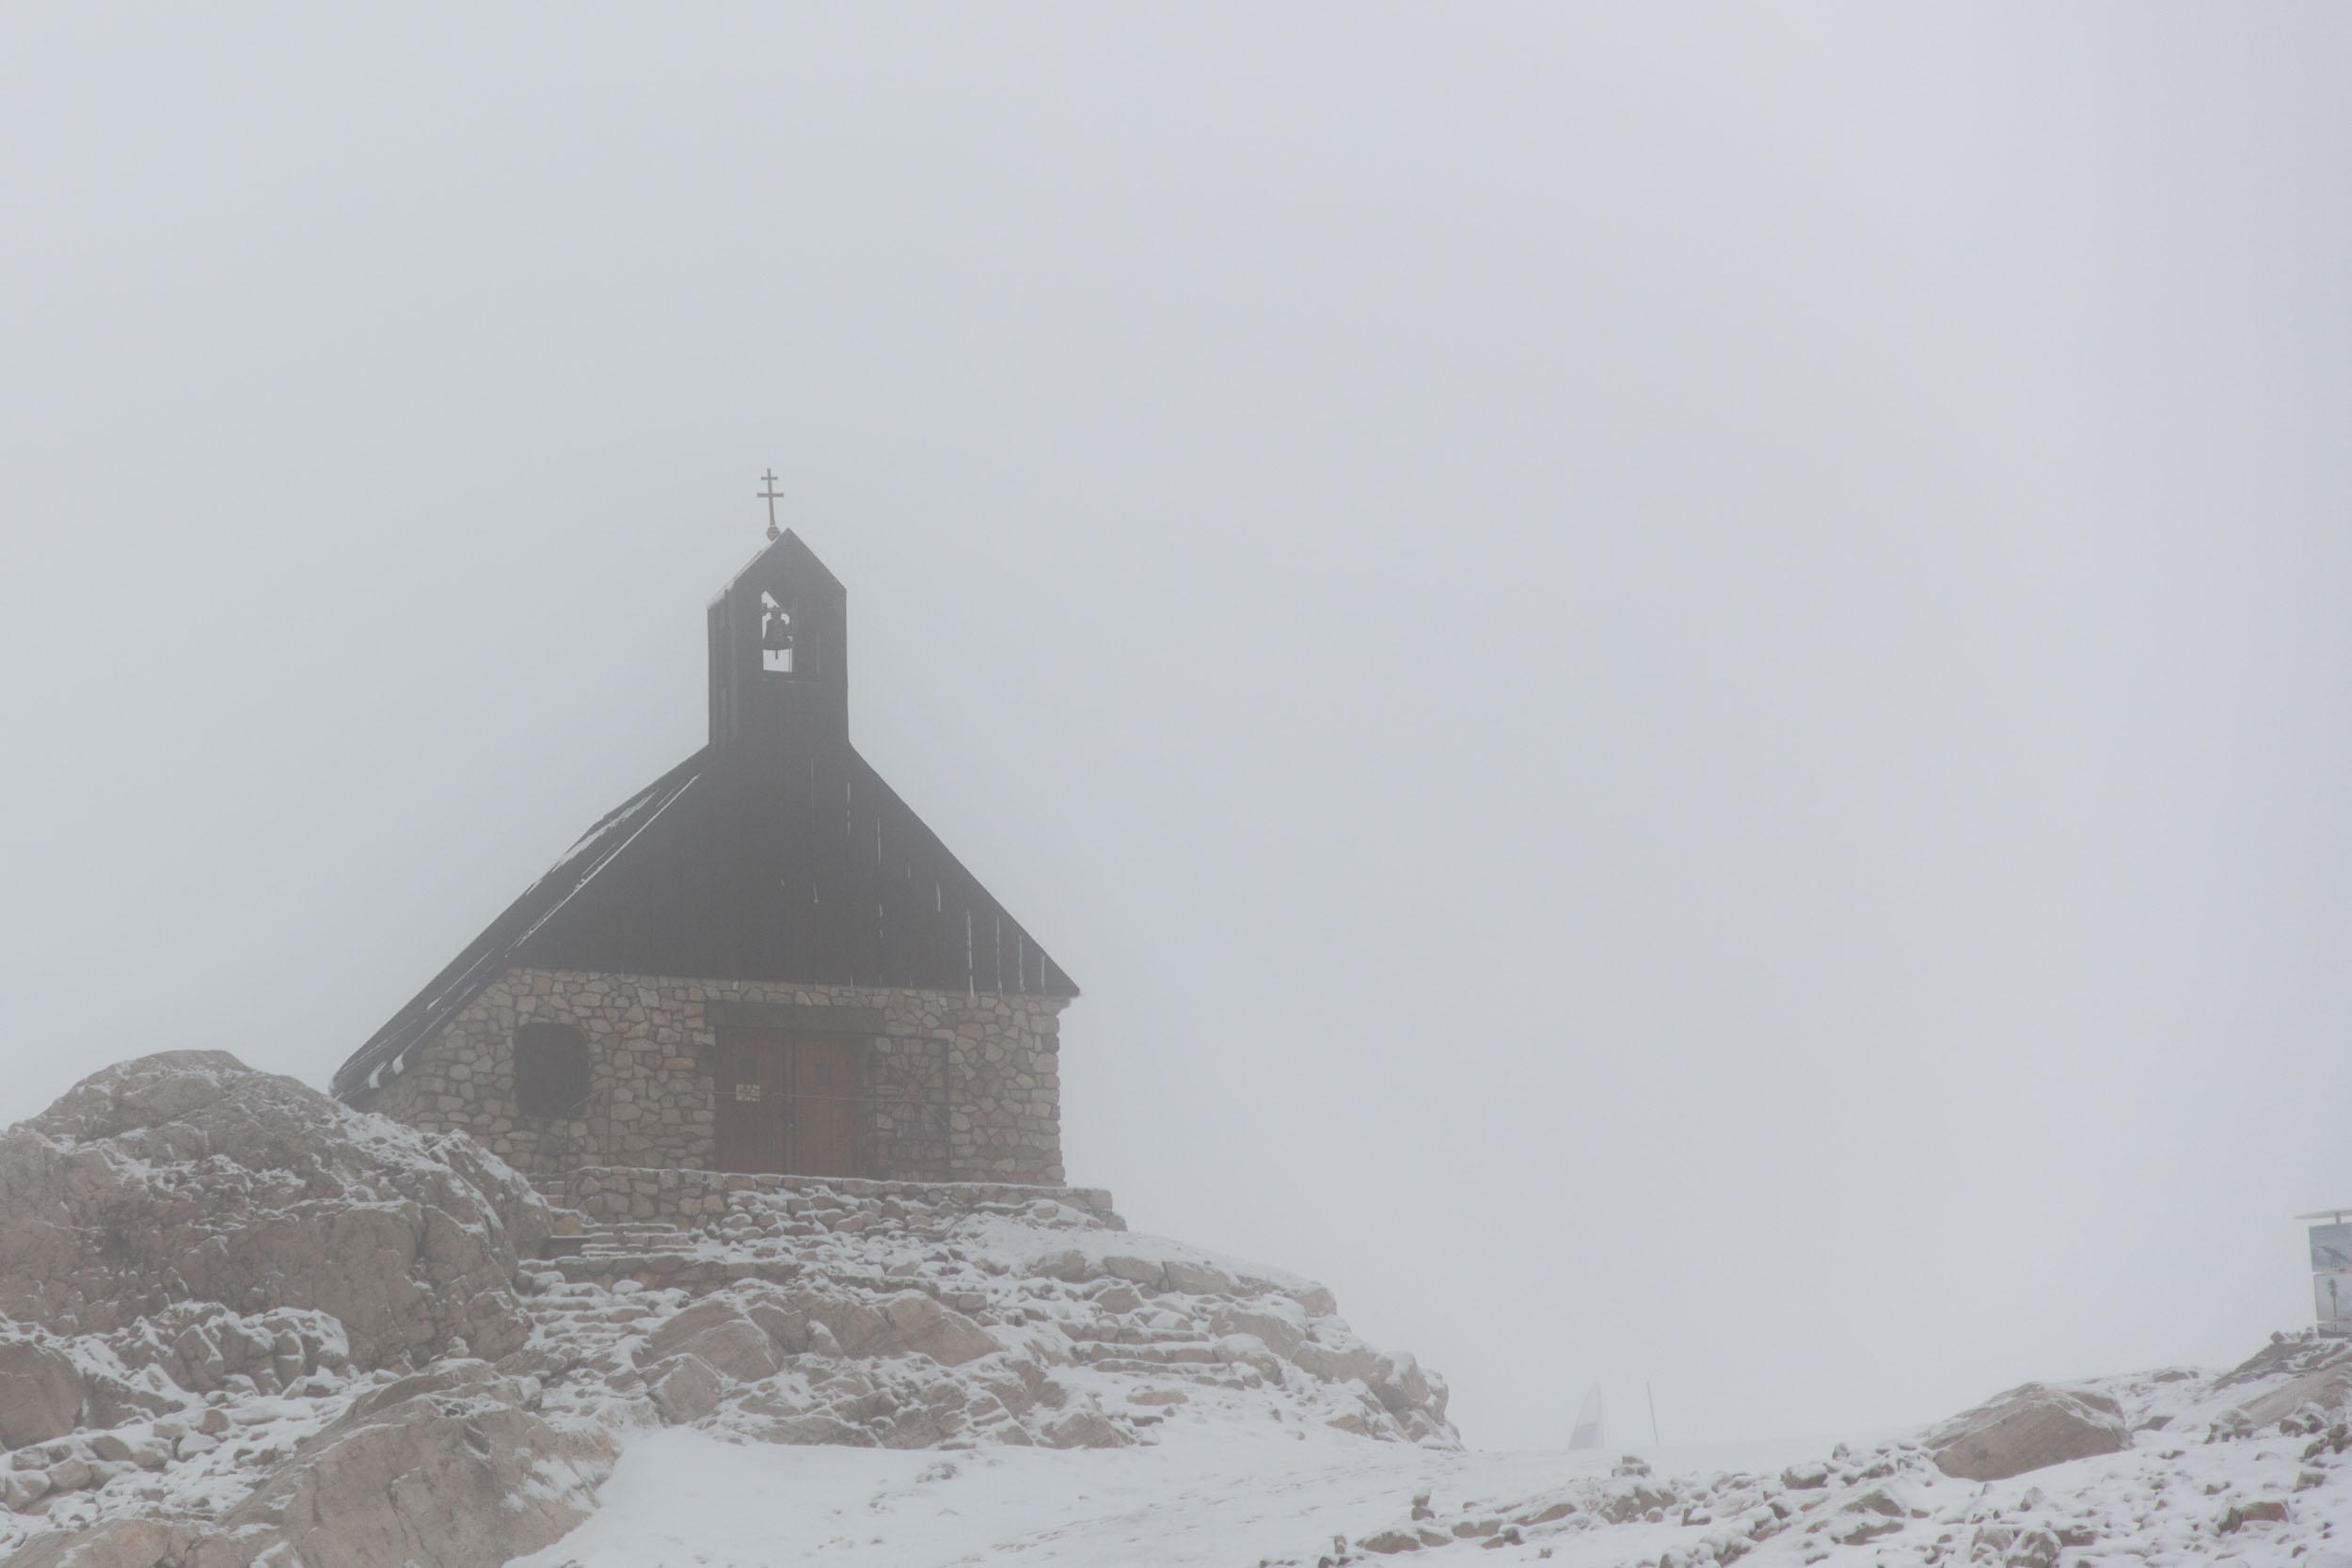 Die Kapelle einige Minuten zuvor, noch von Wolken verdeckt